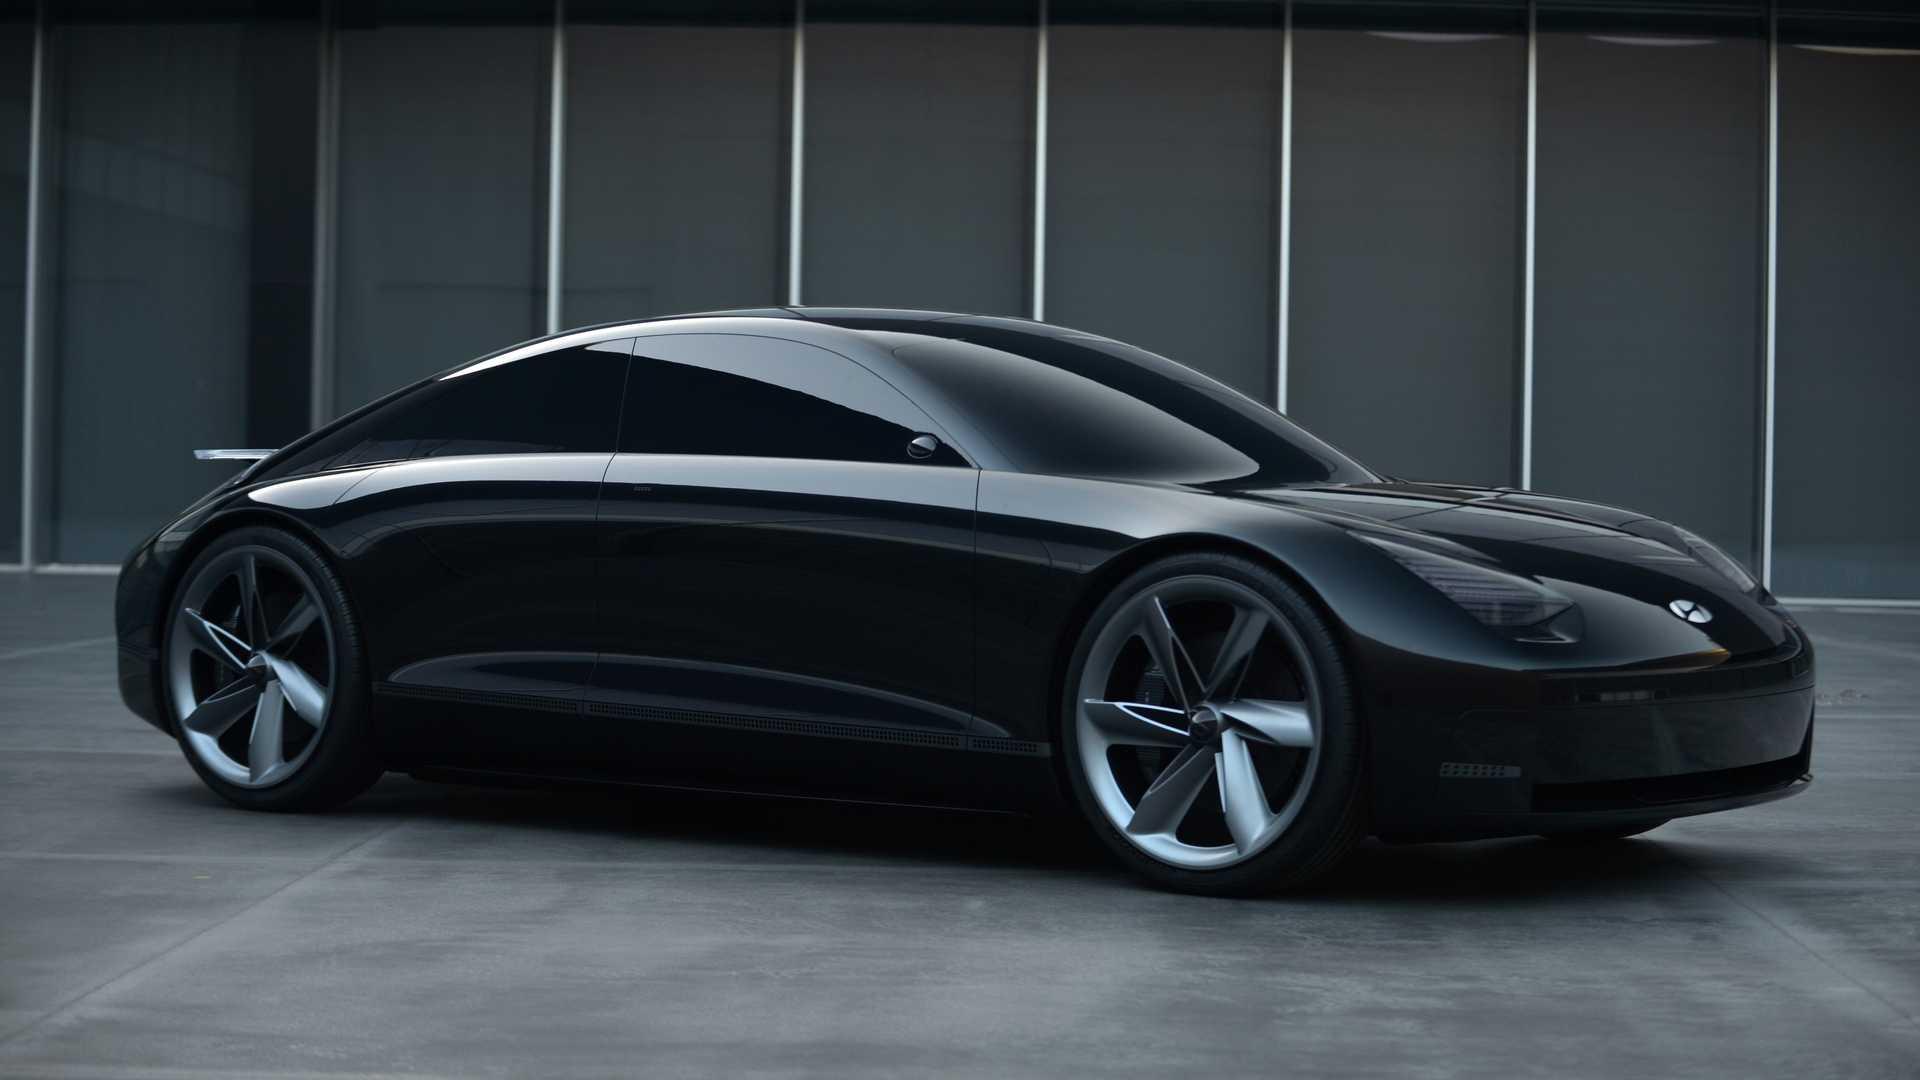 Η Hyundai ετοιμάζει νέο αμιγώς ηλεκτρικό μοντέλο